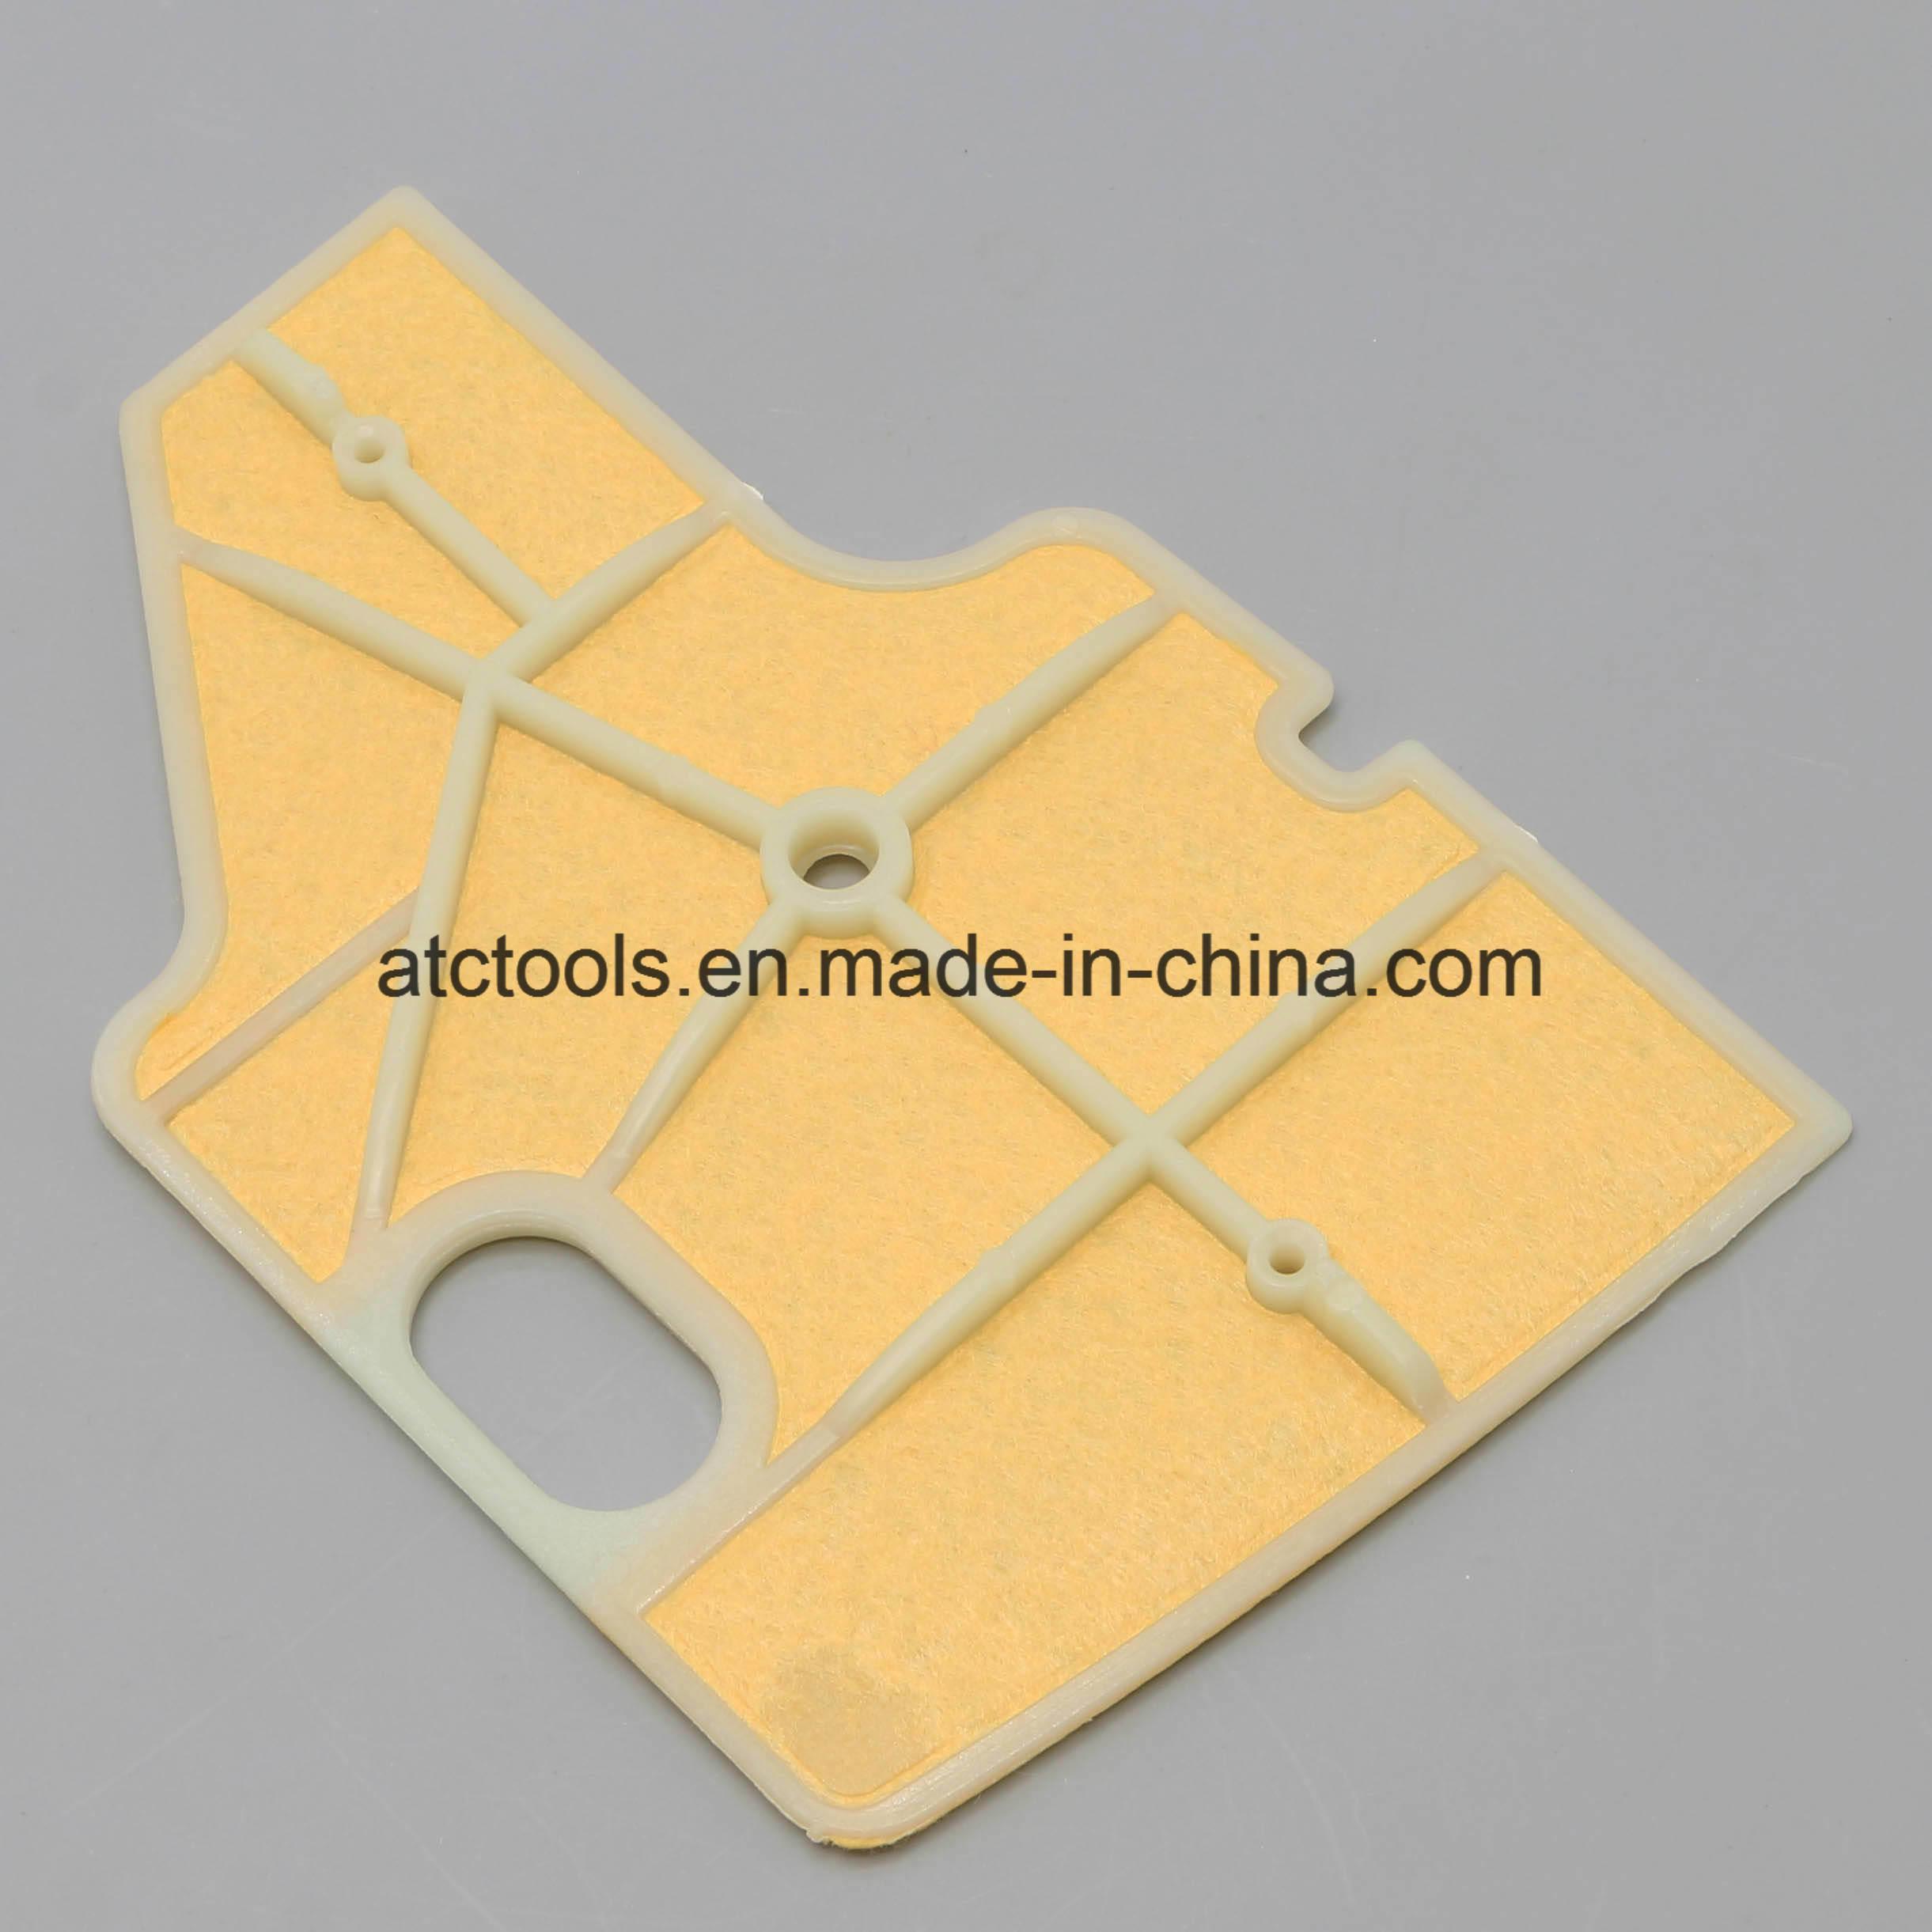 Stihl 070 Ms720 090 090g 11061201602 Chain Saw Air Filter